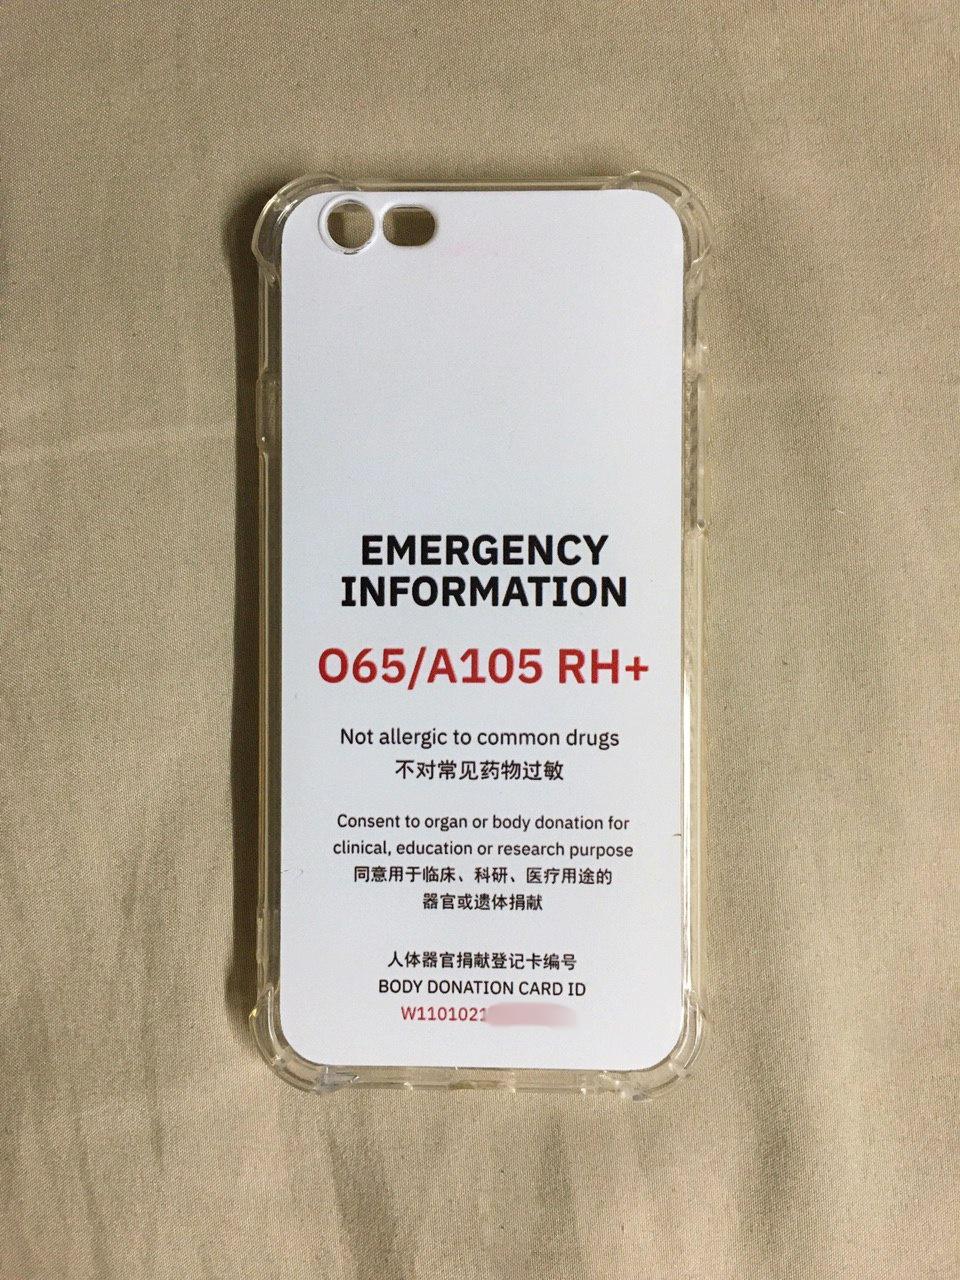 我的手机壳,上面写了我的血型(A型,RH阳性)、过敏信息(不对常见药物过敏)和同意器官捐献的声明(同意用于临床、科研、医疗用途的器官或遗体捐献)。